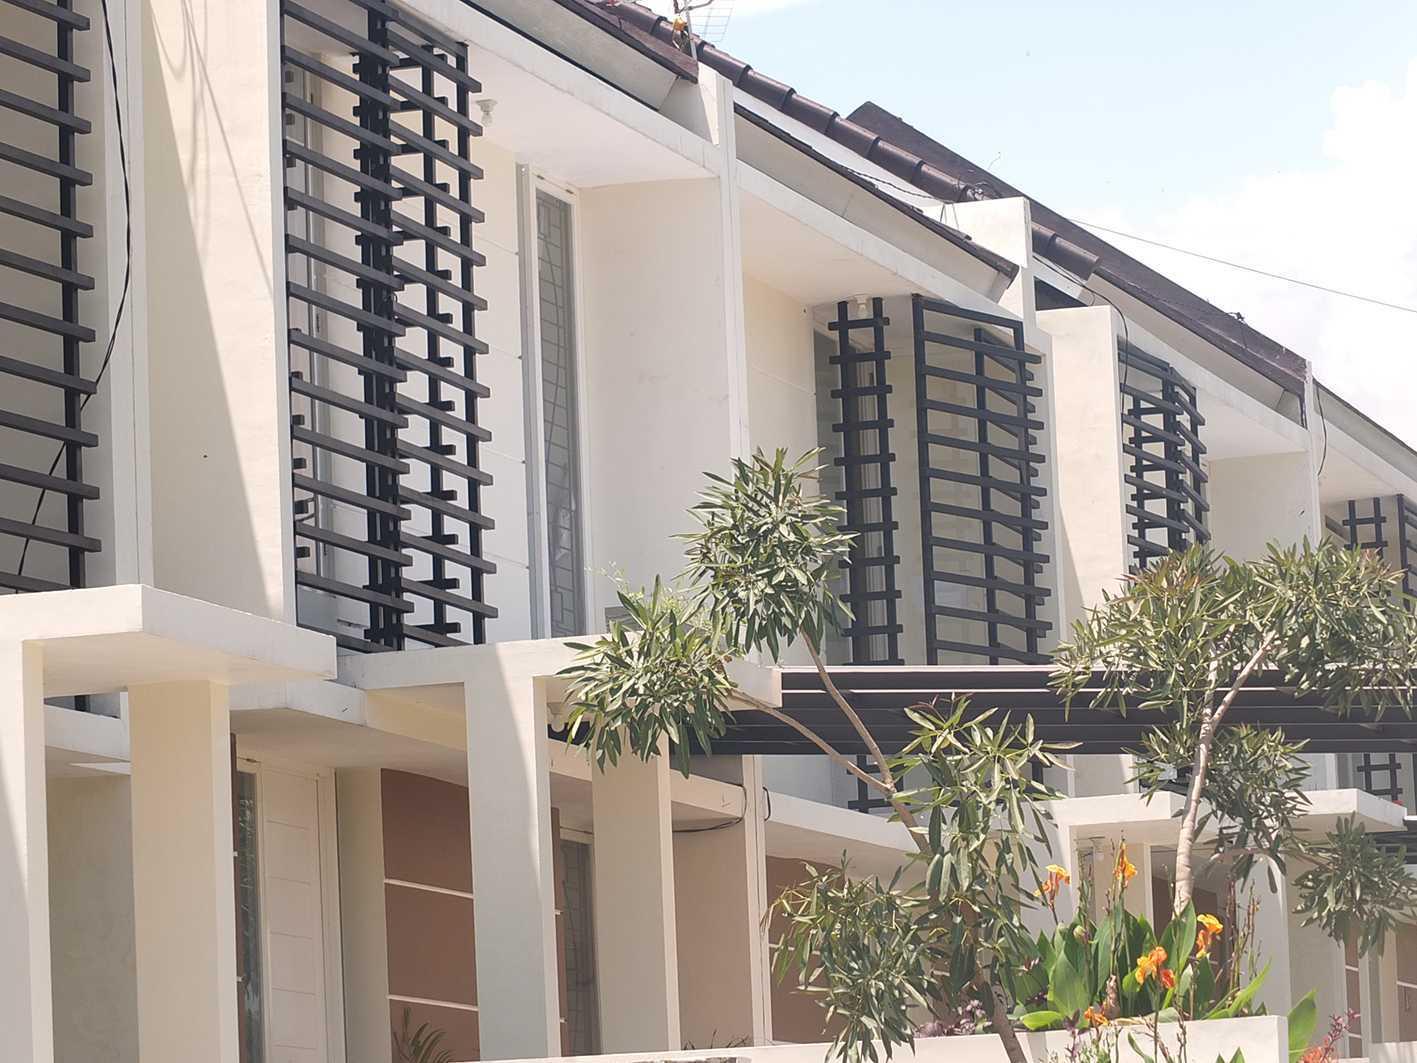 Jasa Arsitek josaf sayoko di Malang